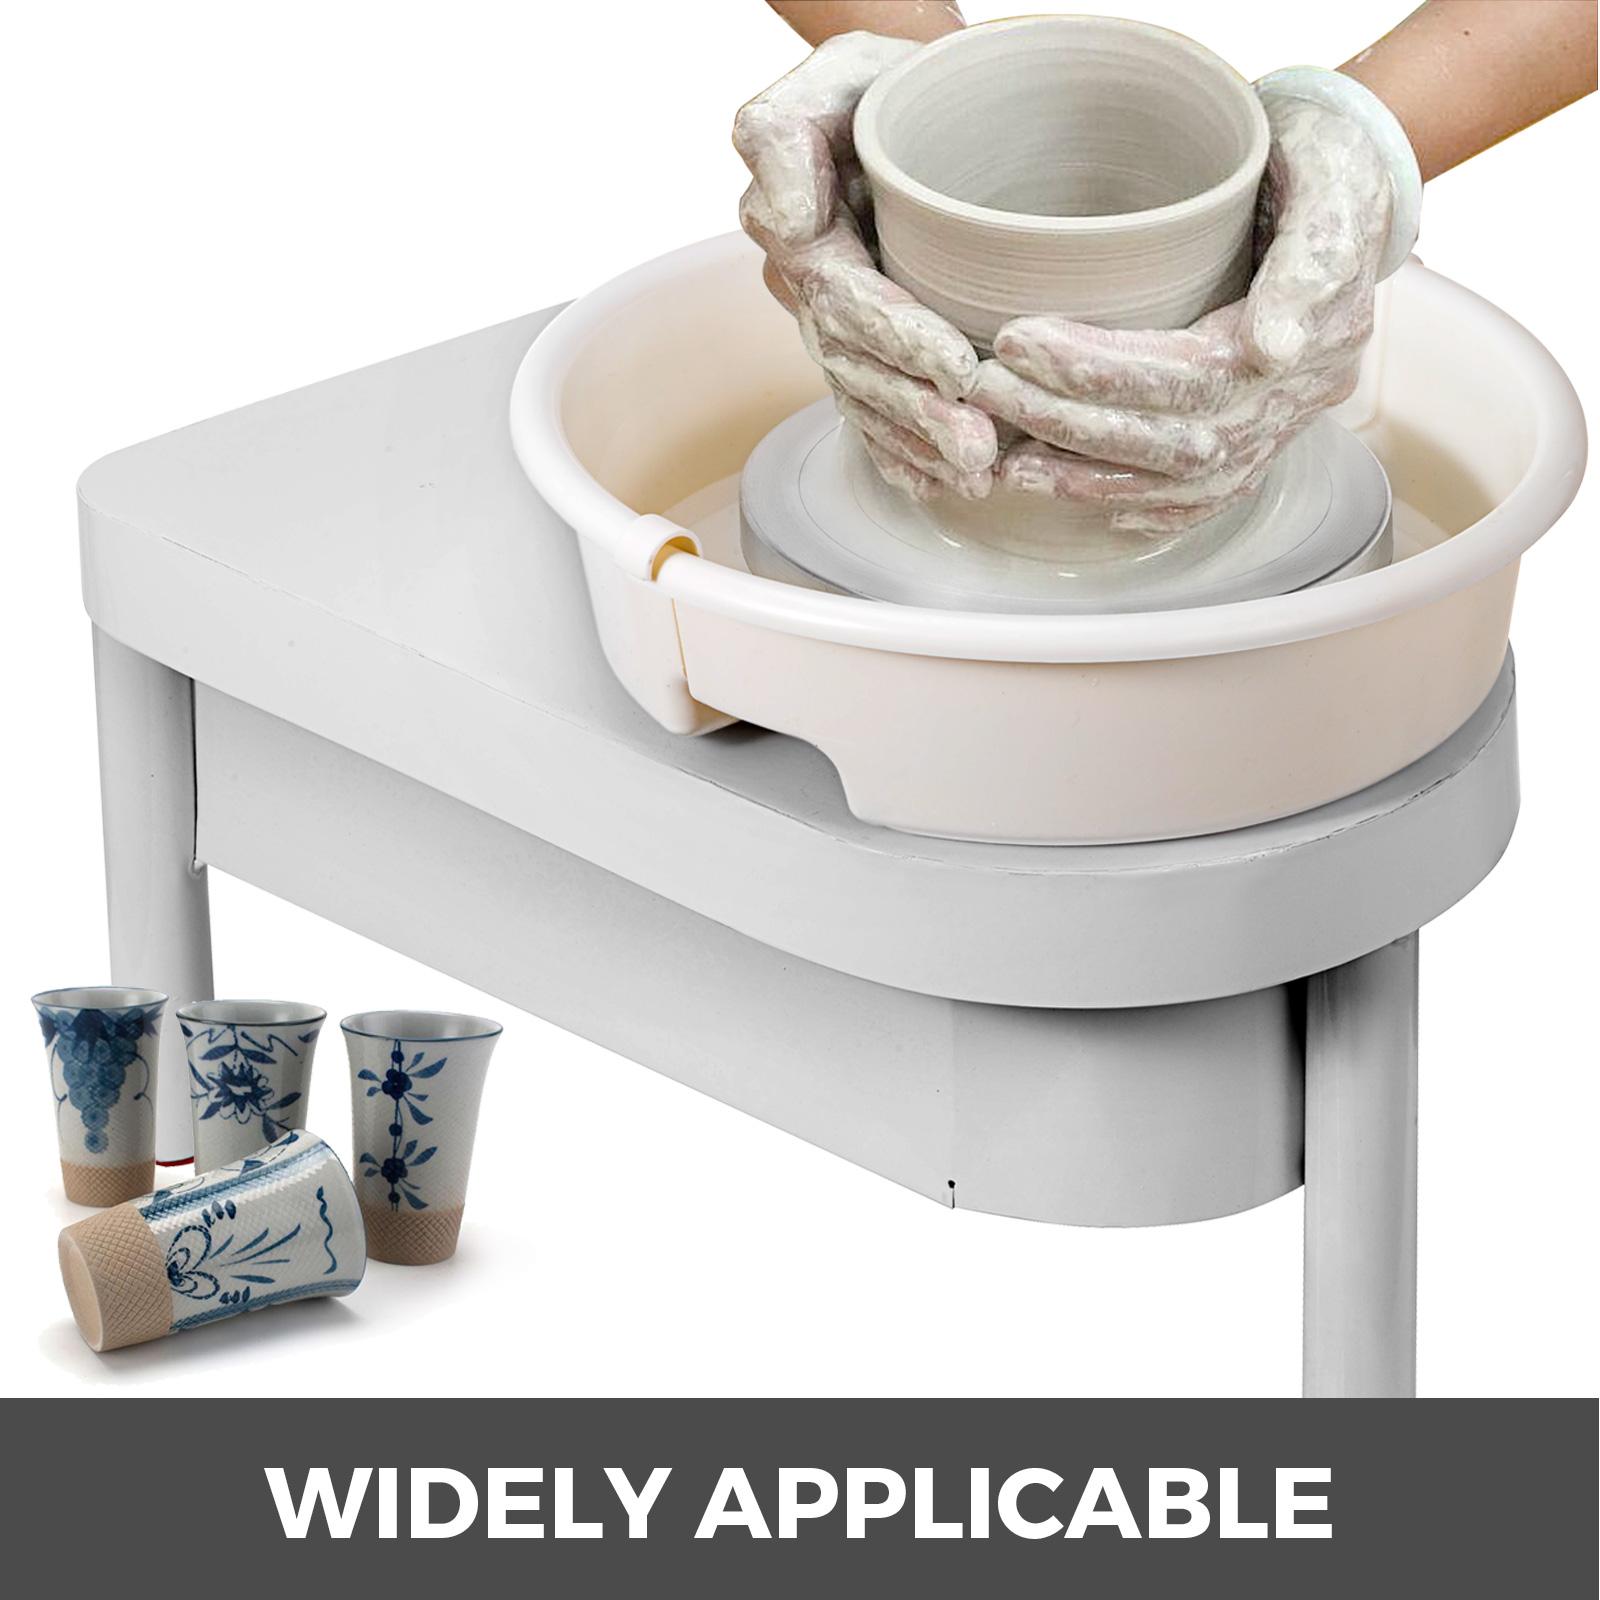 VEVOR Ruota per Ceramica Elettrica 280W con Pedale Macchina per Ceramica Ruota per Ceramica 25cm Macchina per Ruota per Ceramica Macchina per Ruota in Ceramica Piedini Regolabili con Set di Scultura